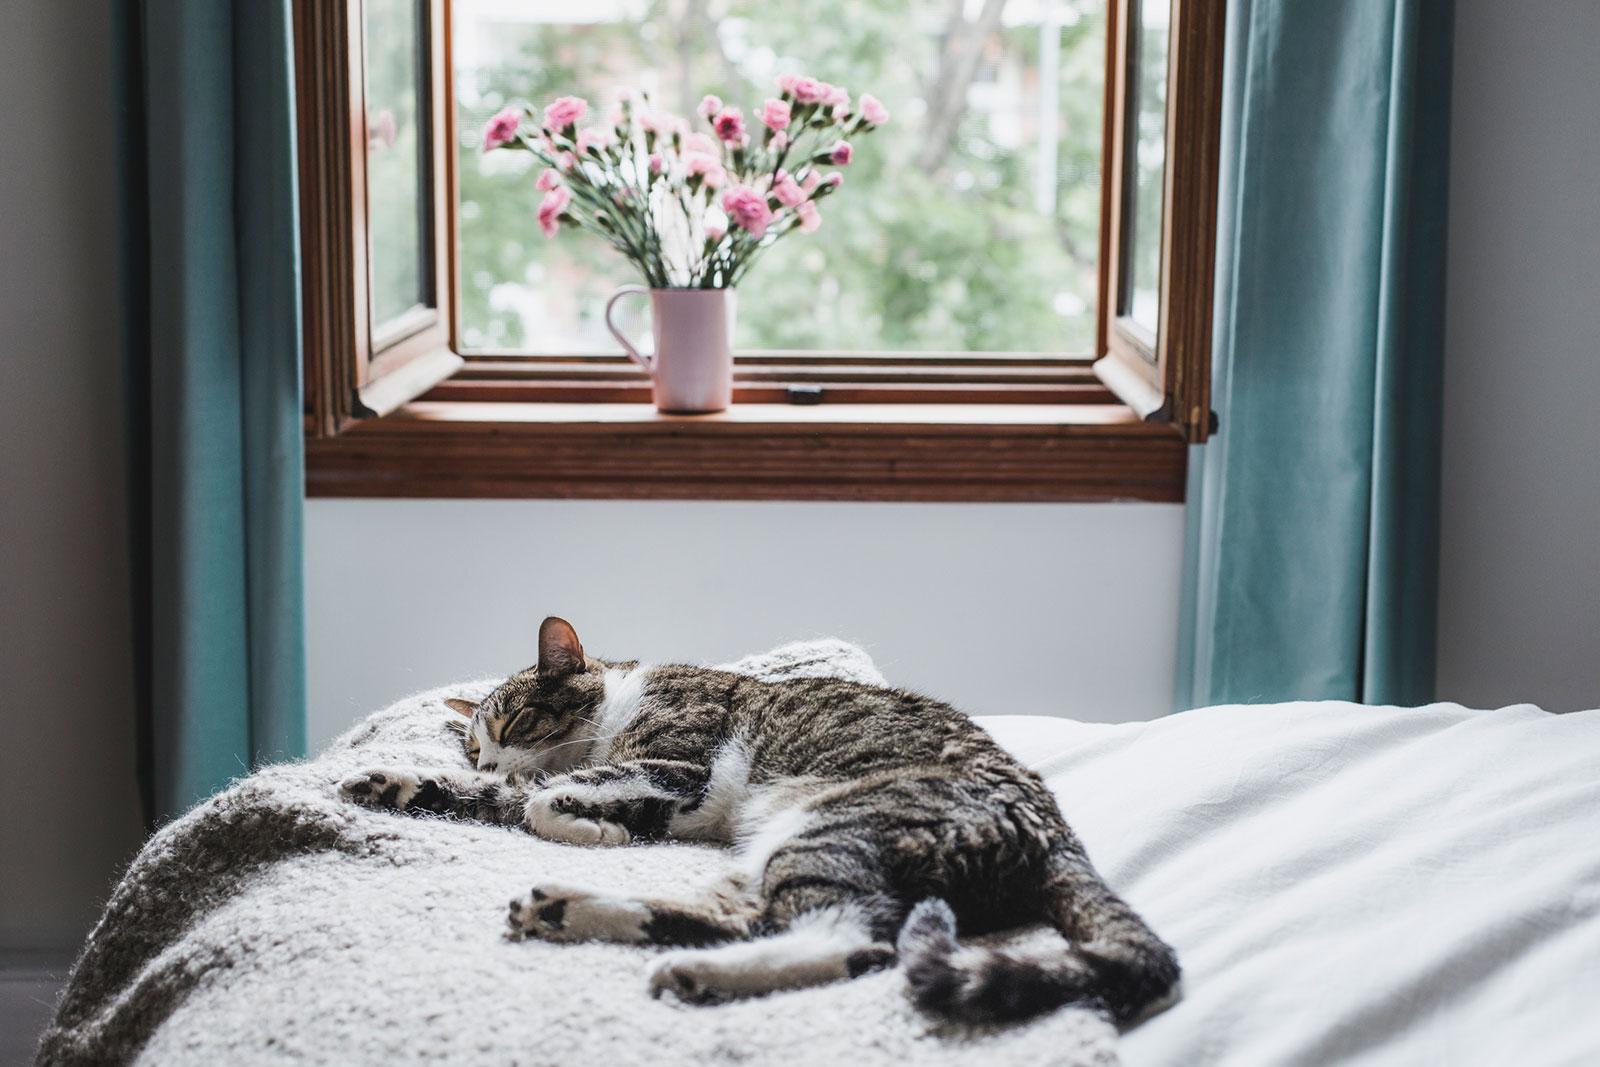 Frischluft: Wer morgens und abends durchlüftet, erhöht die Chancen auf einen gesunden Schlaf.